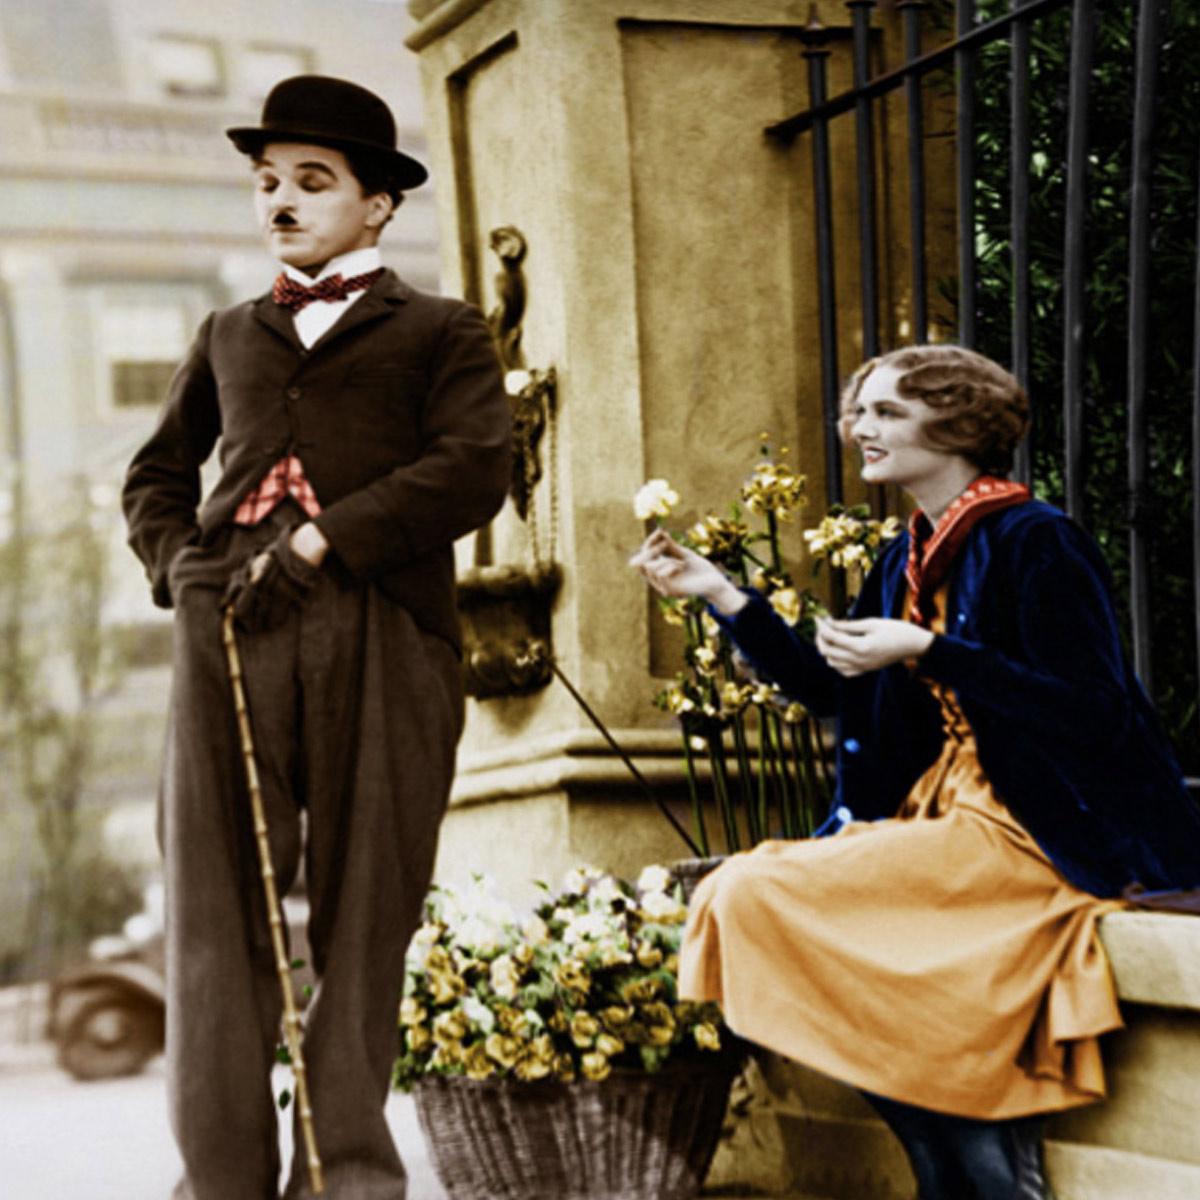 Almofada Desenhada Decoração Charles Chaplin com 2 peças tecido Microfibra - Almofada Digitais